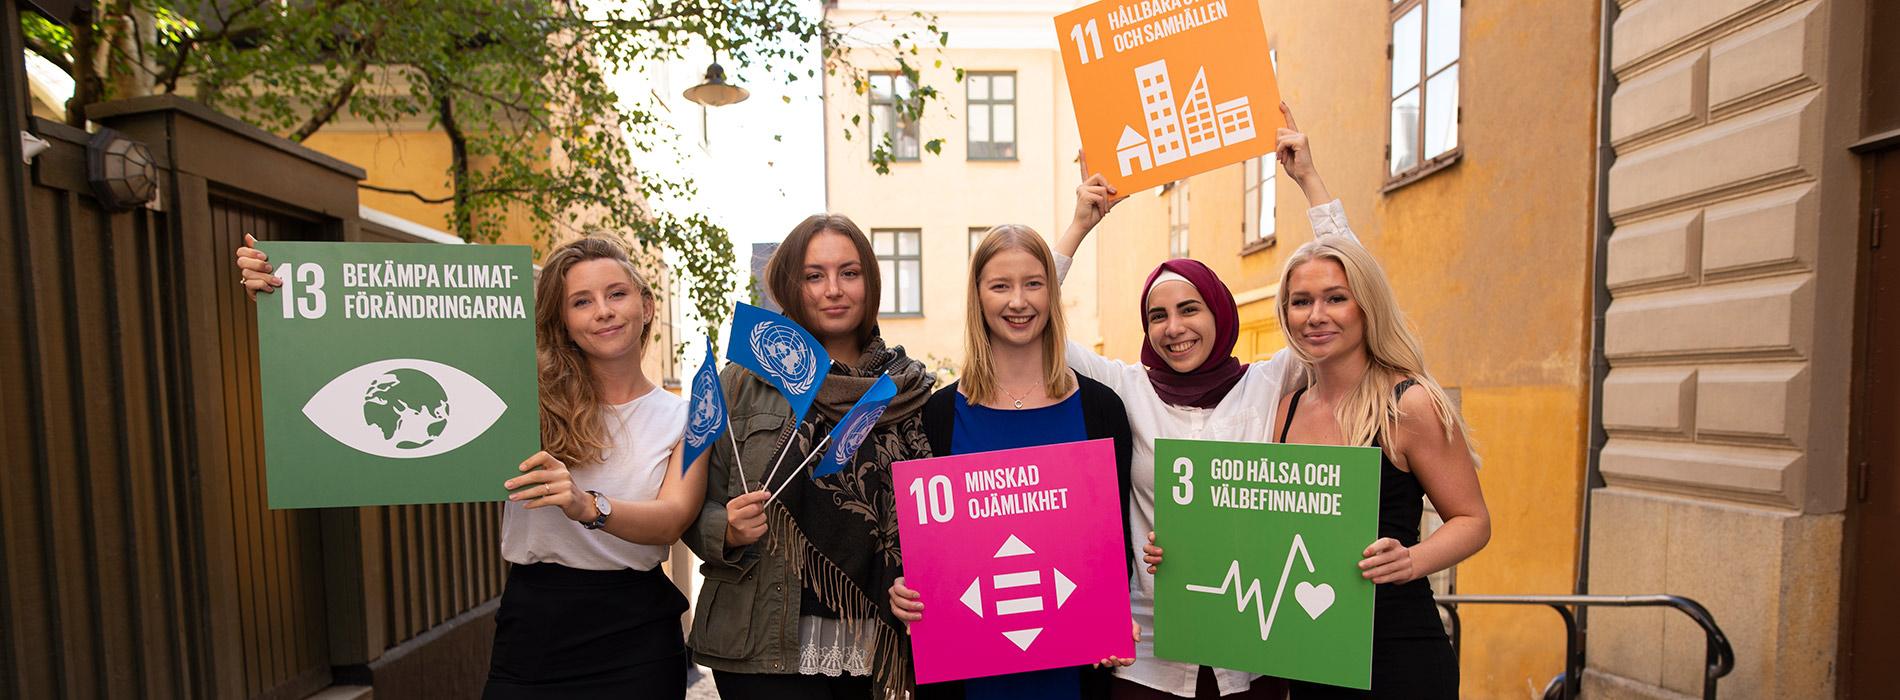 Några av FN-förbundets ambassadörer håller upp skyltar för de globala målen